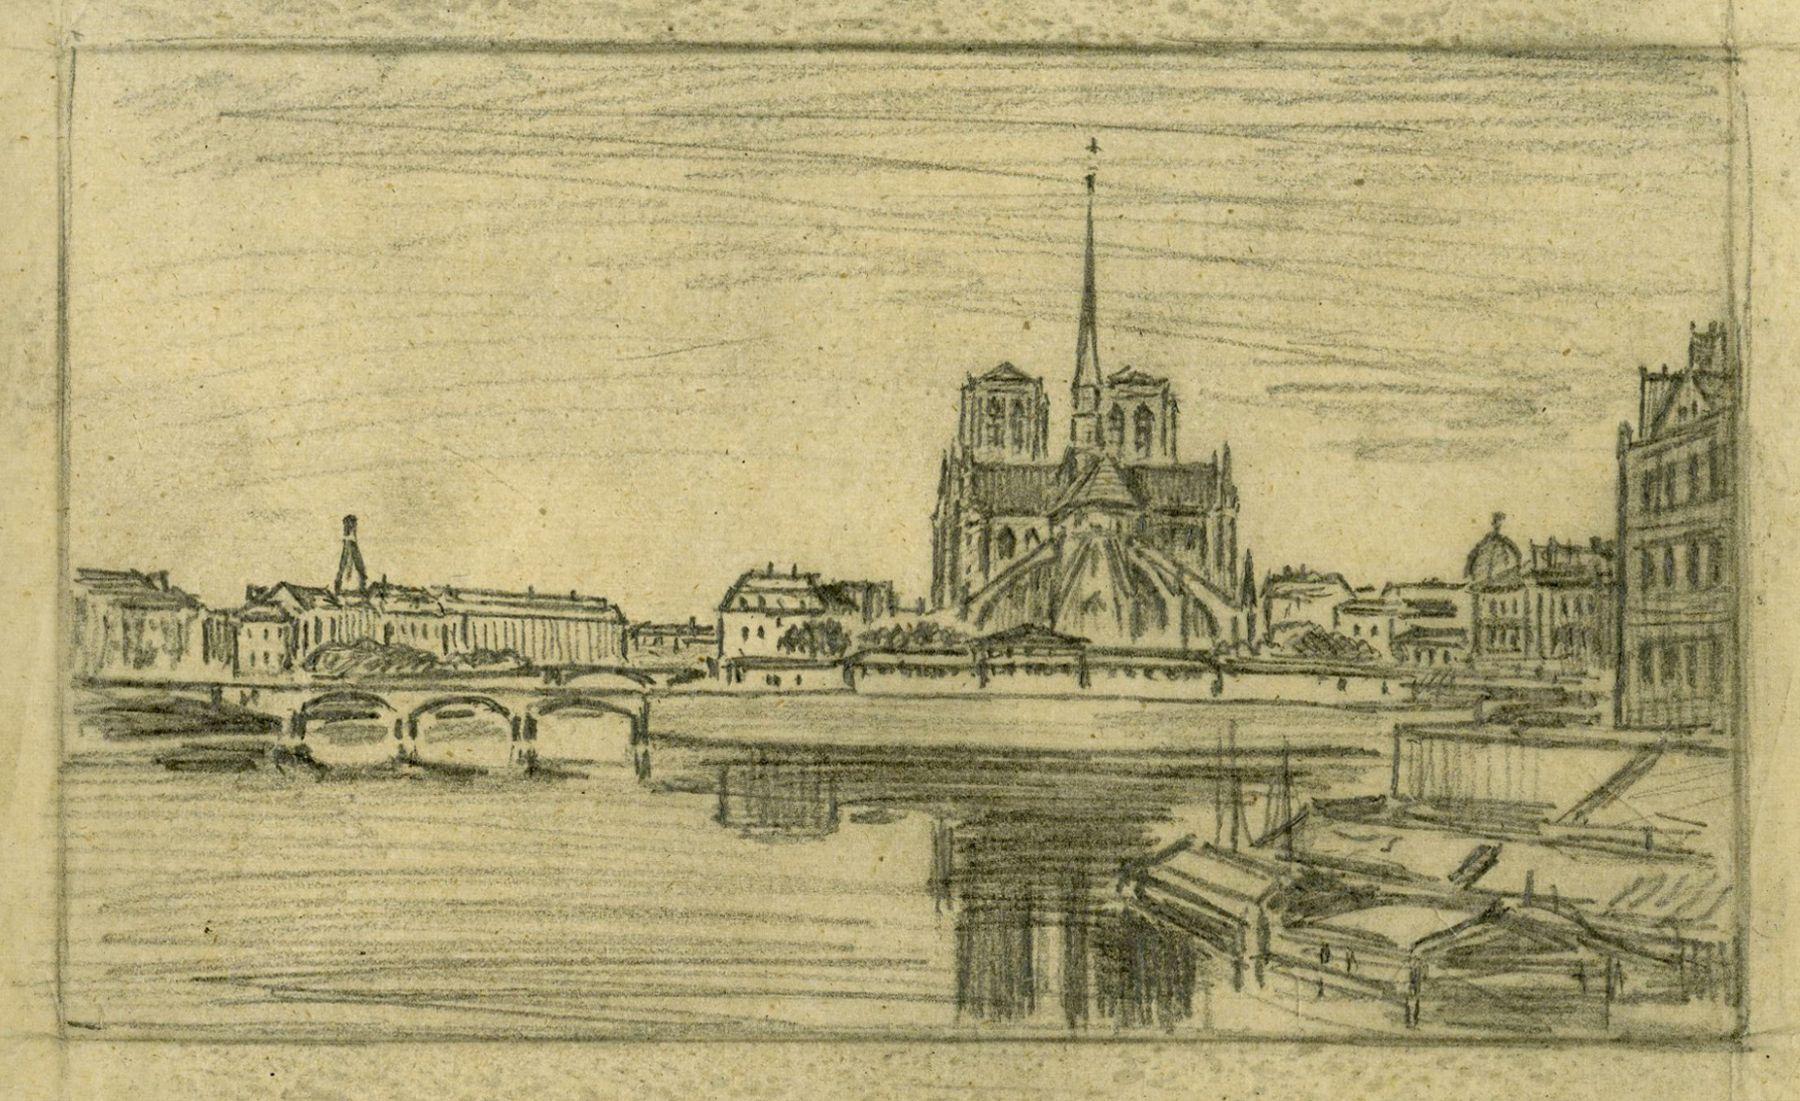 Charles François Daubigny  Notre Dame et l'Ille de la Cité  Graphite on calque 4 1/2 x 7 inches